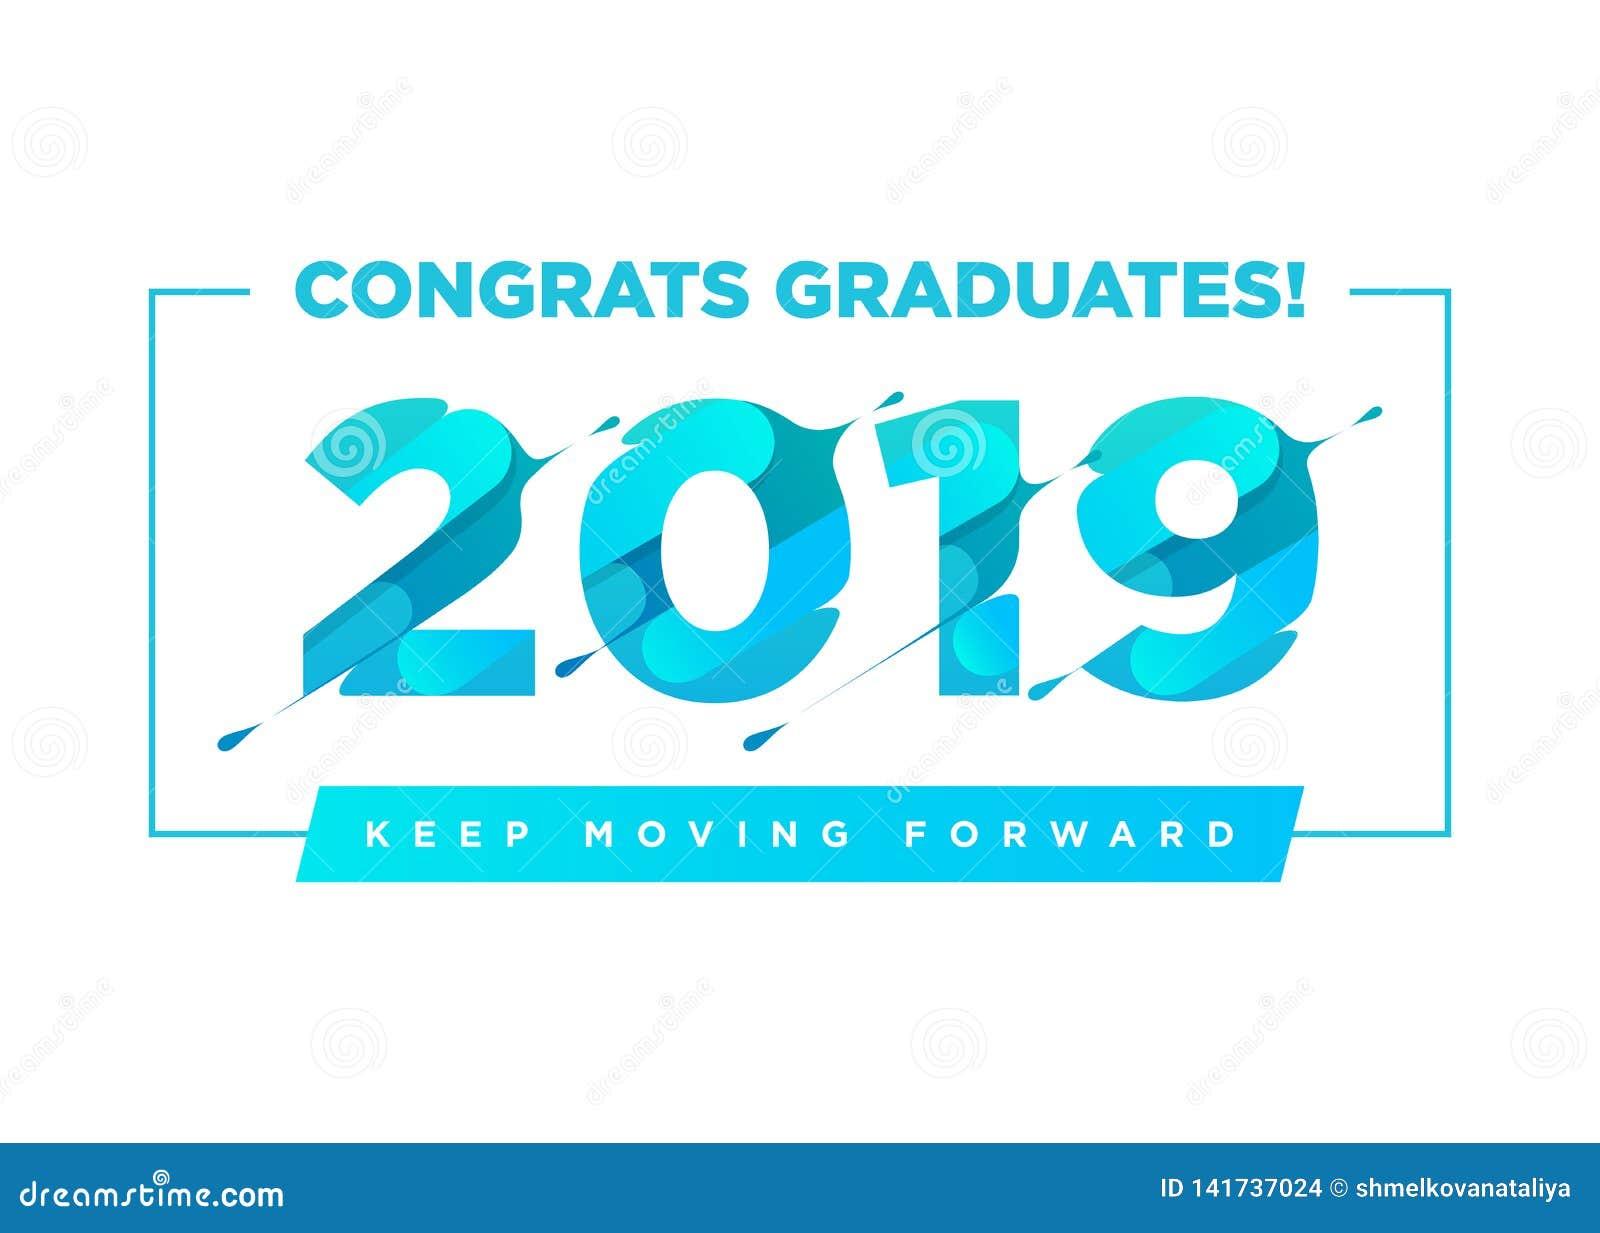 Glückwunsch-Absolvent-Vektor-Logo Staffelungs-Hintergrund-Schablone mit inspirierend Zitat Gruß der Fahne für College